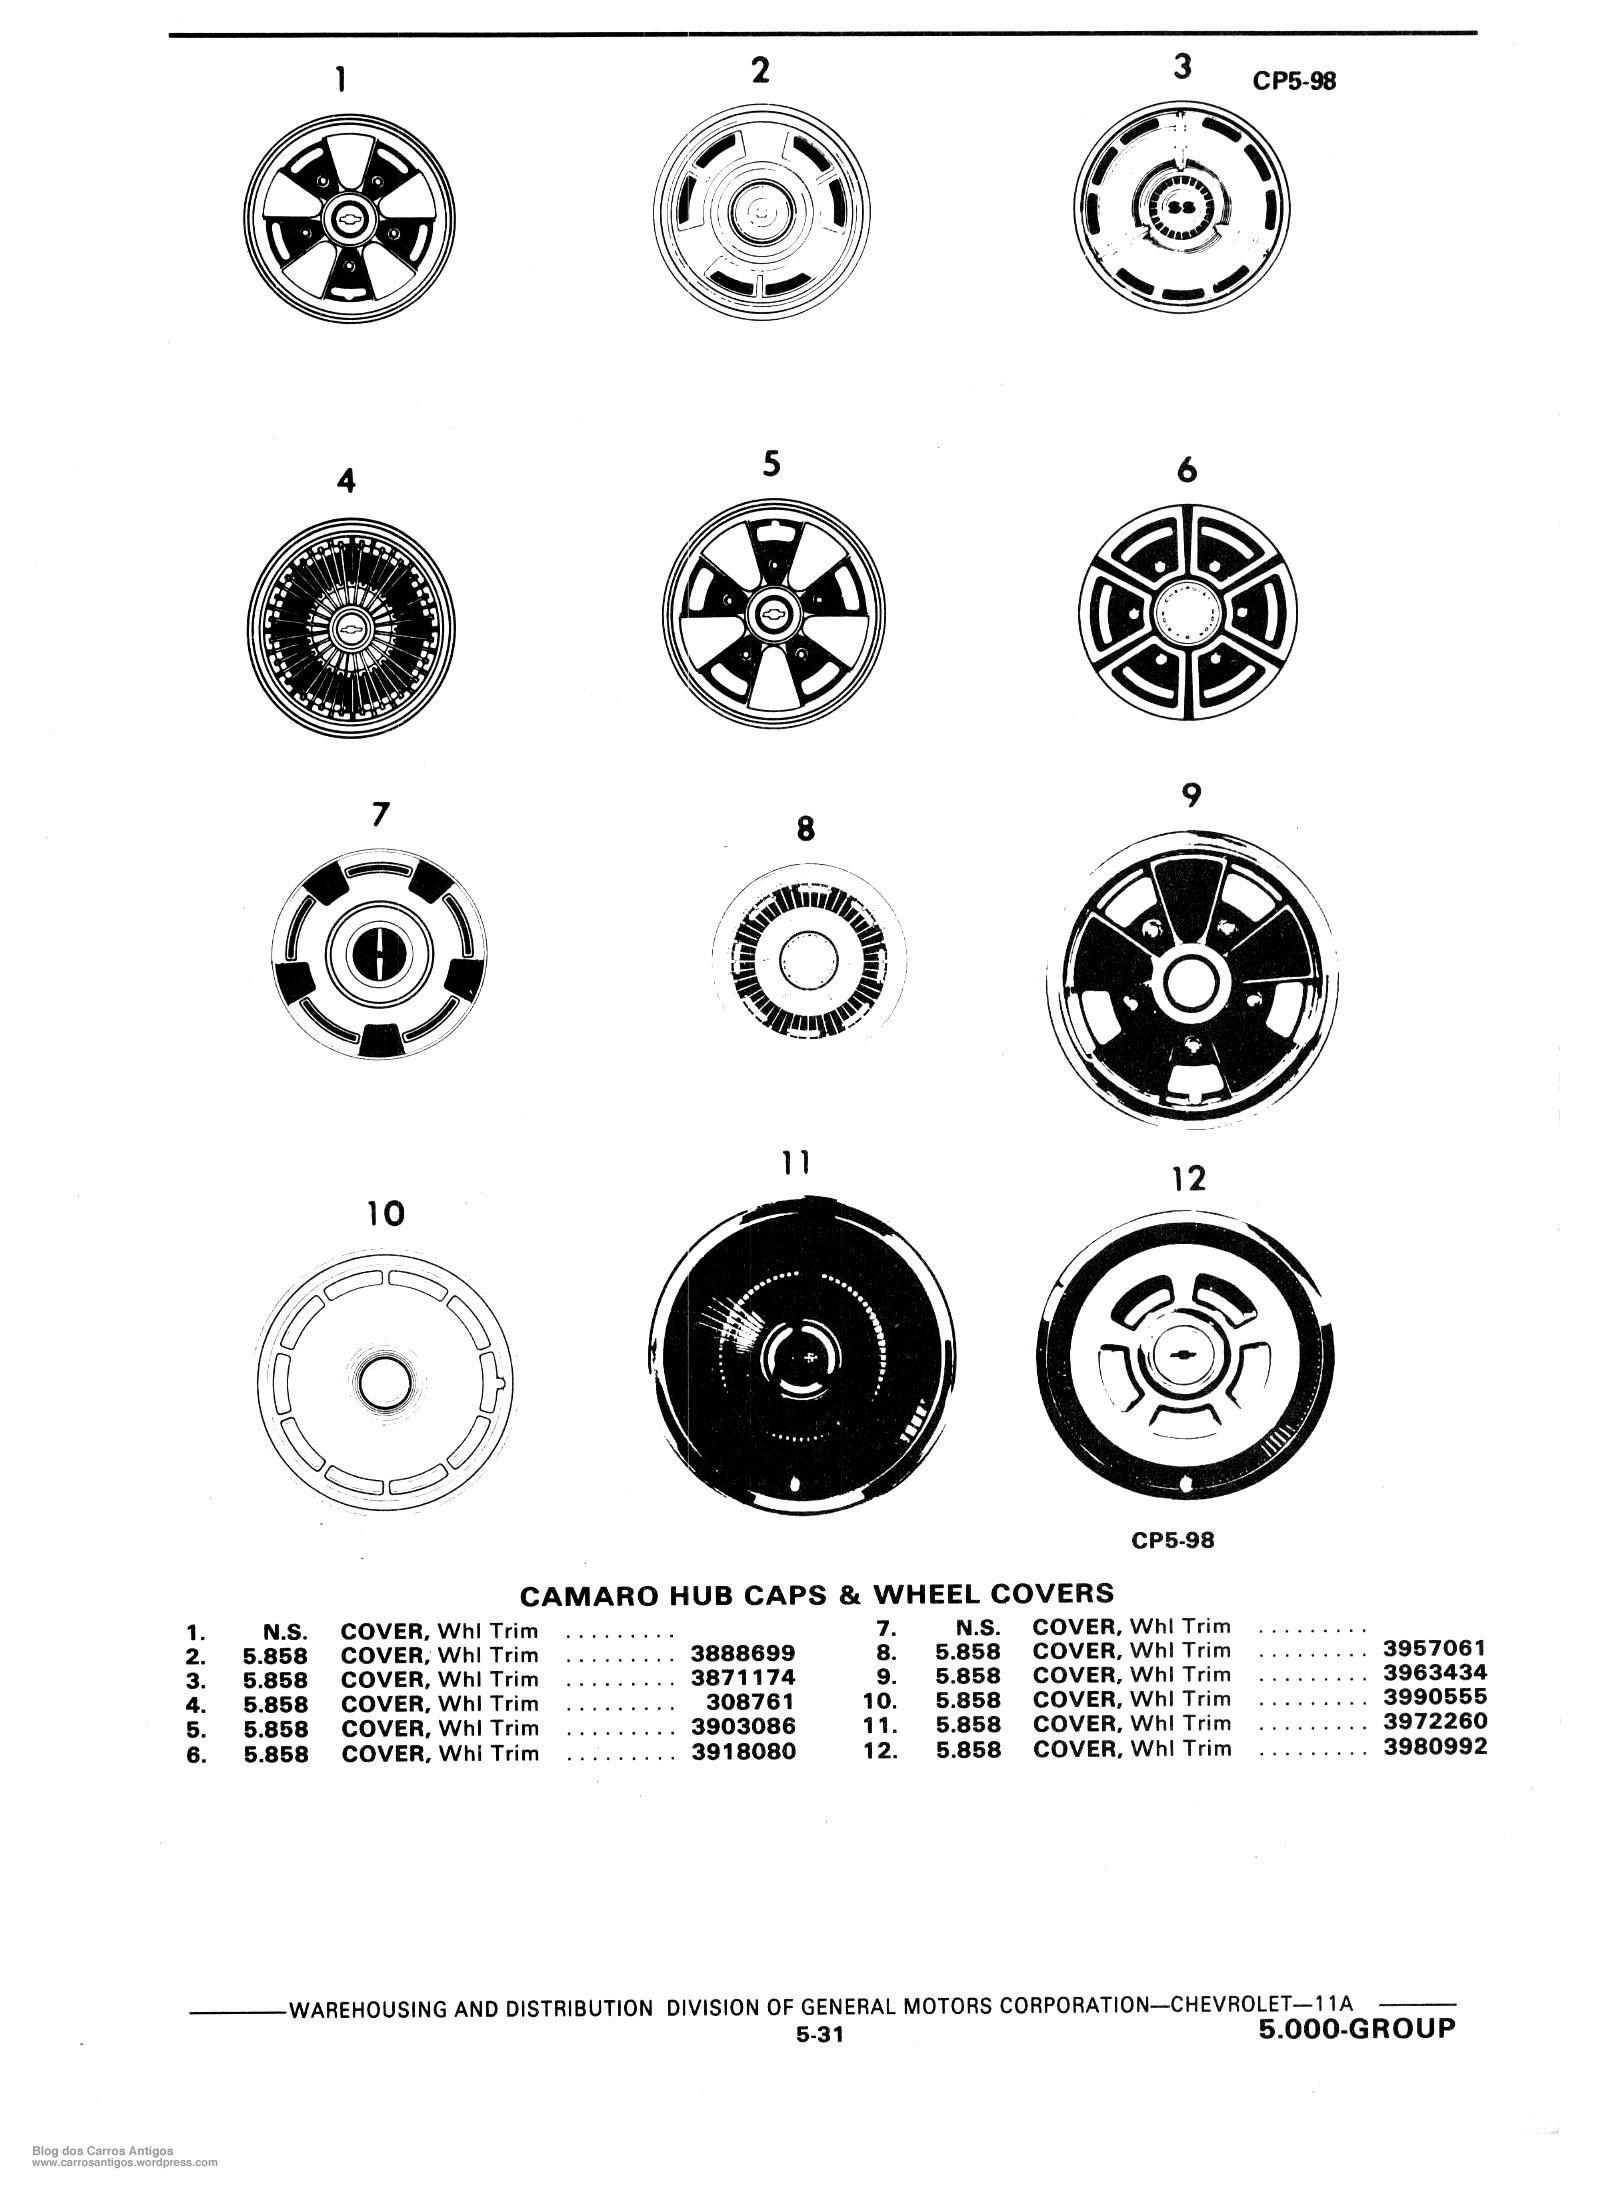 74_camaro_parts_manual_105